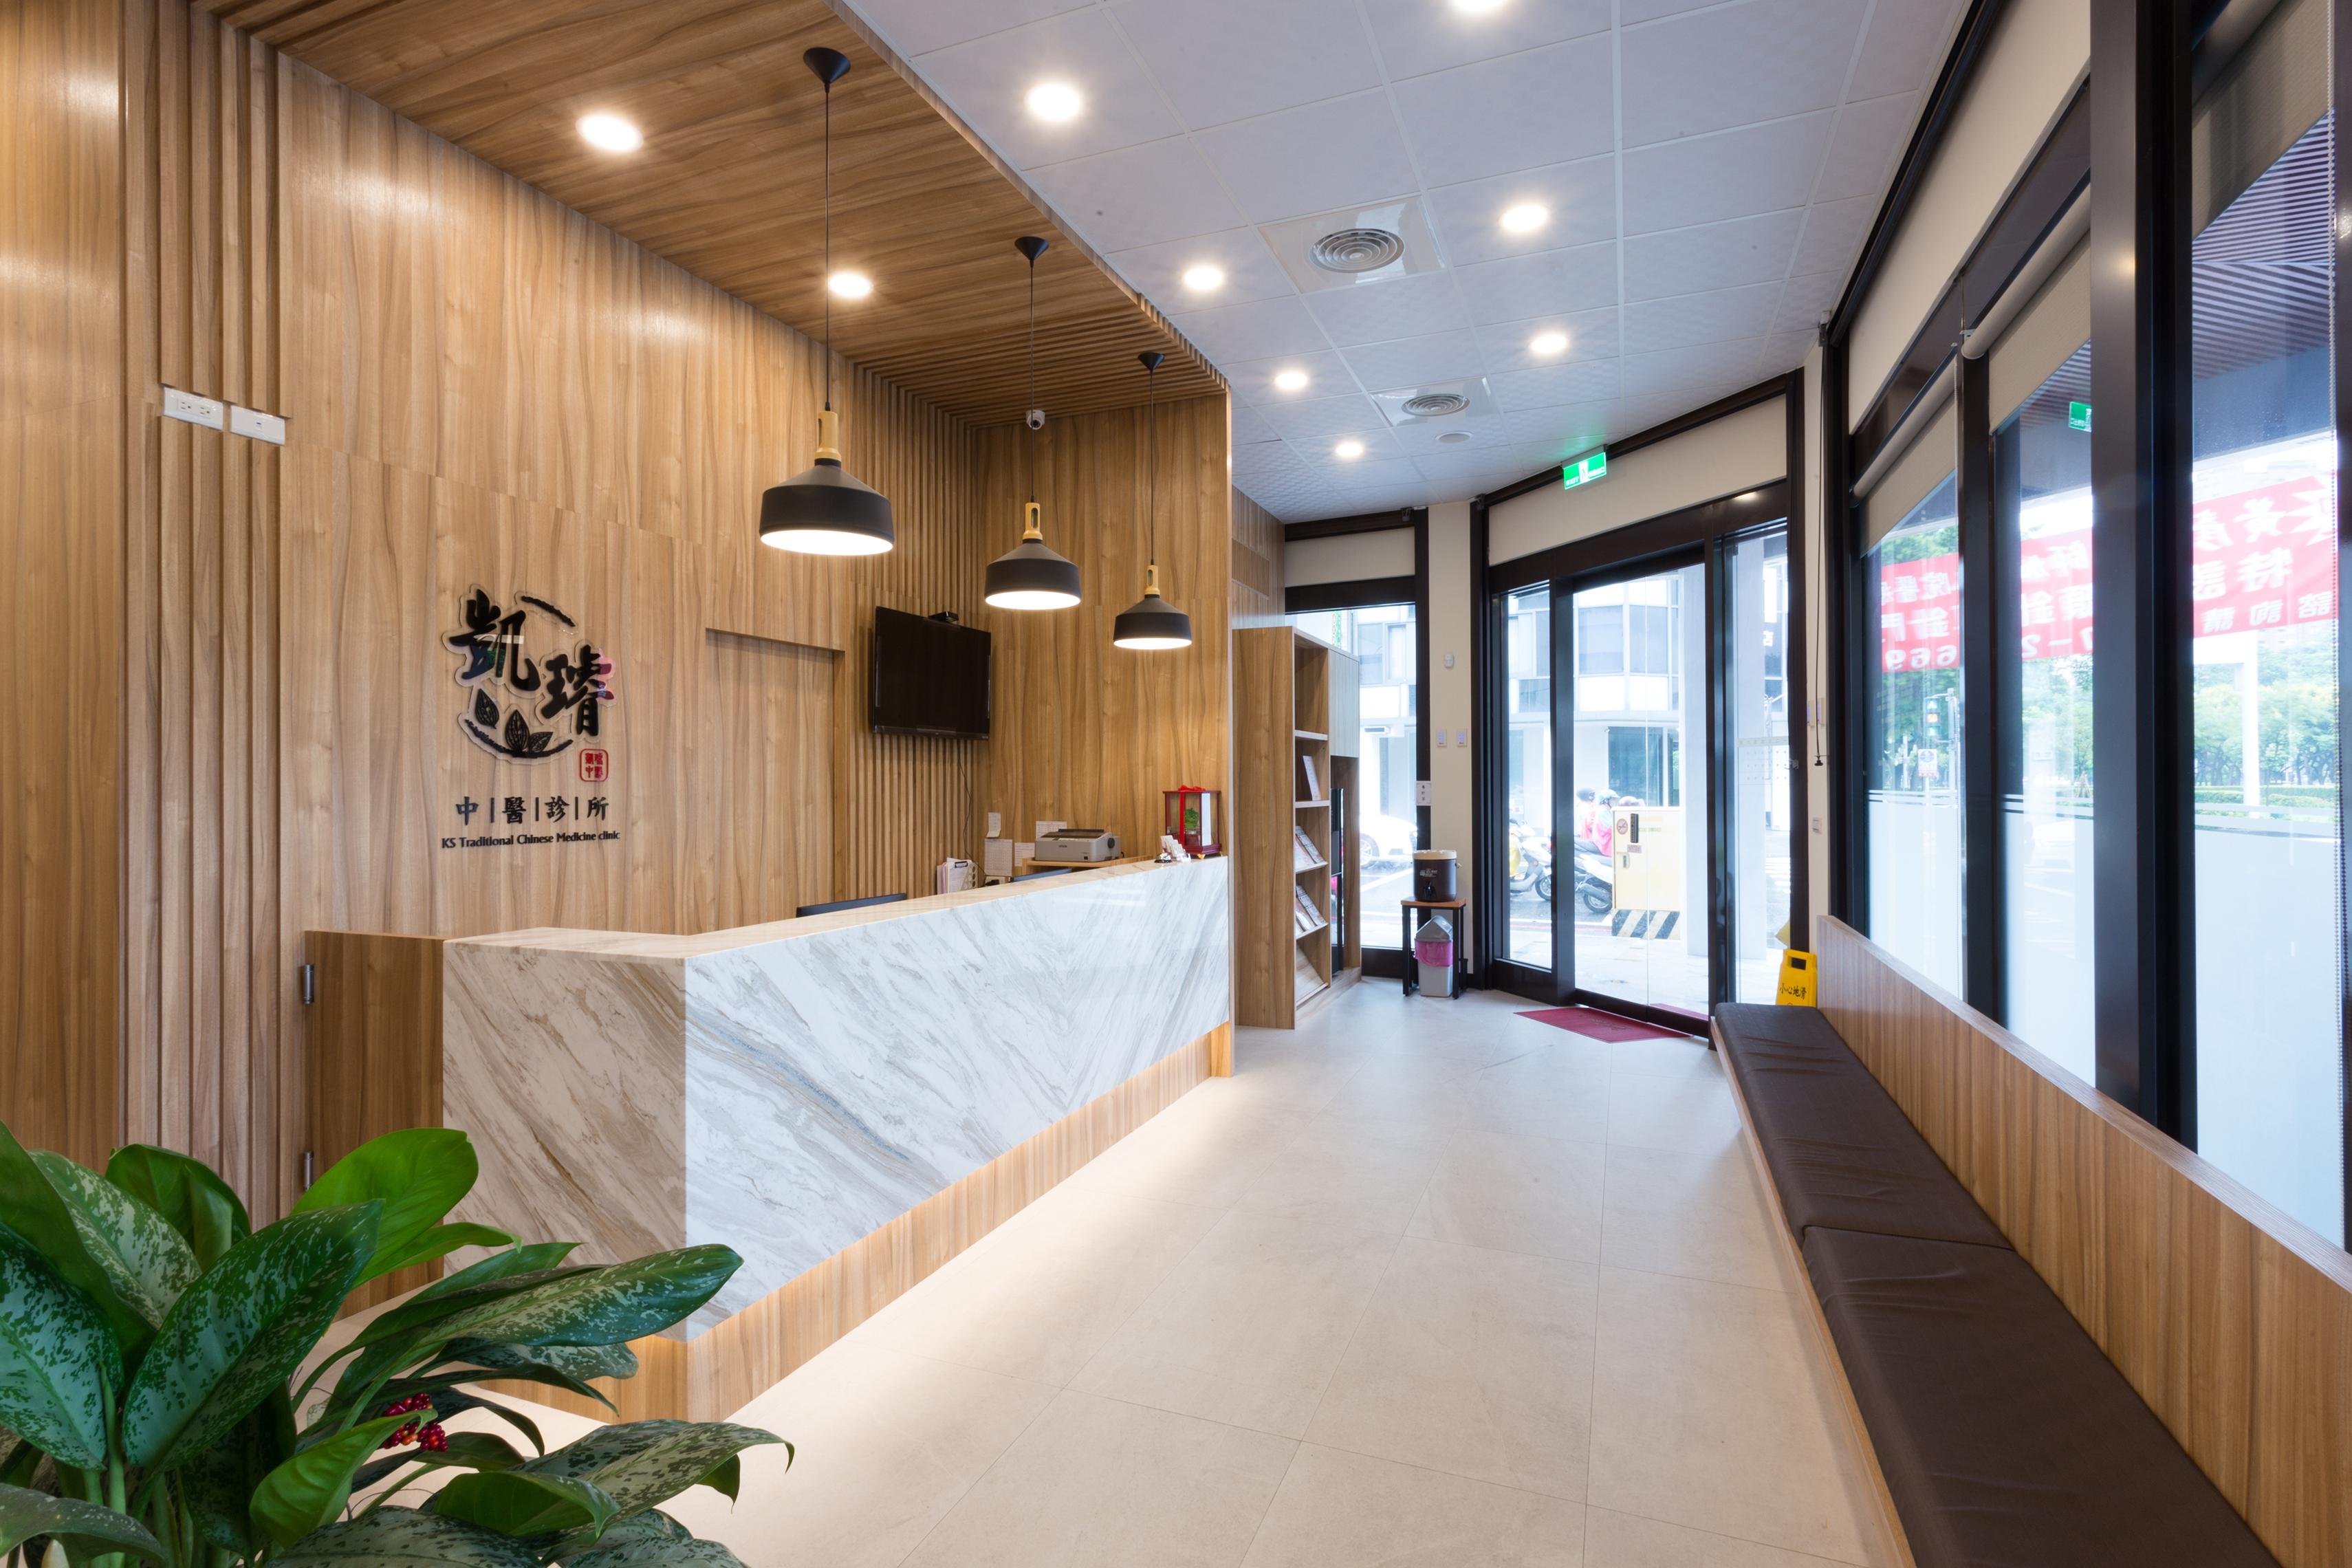 凱璿中醫診所